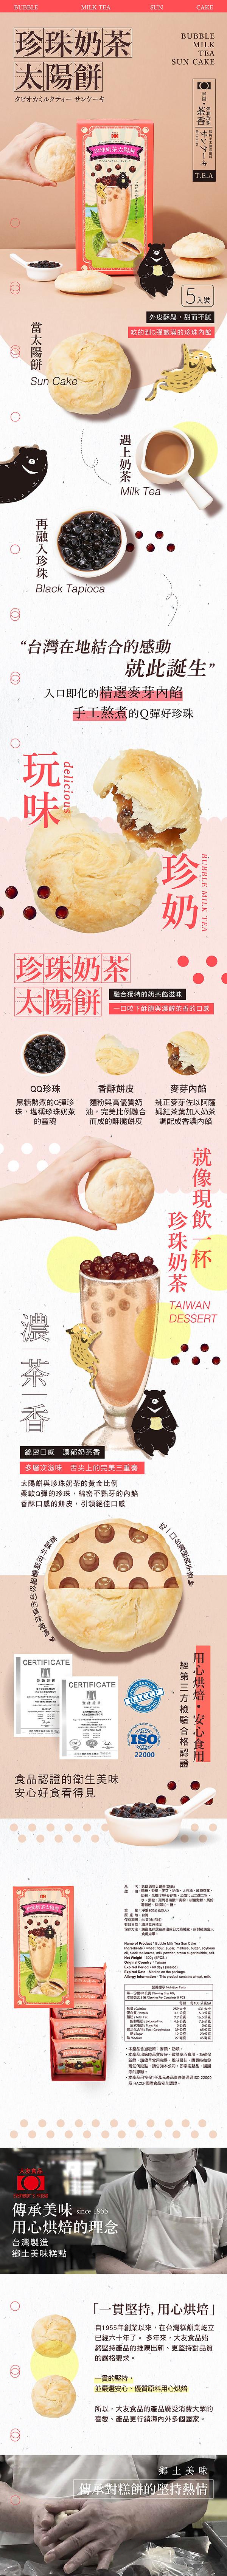 明玥設計-大友食品珍奶太陽餅EDM.jpg